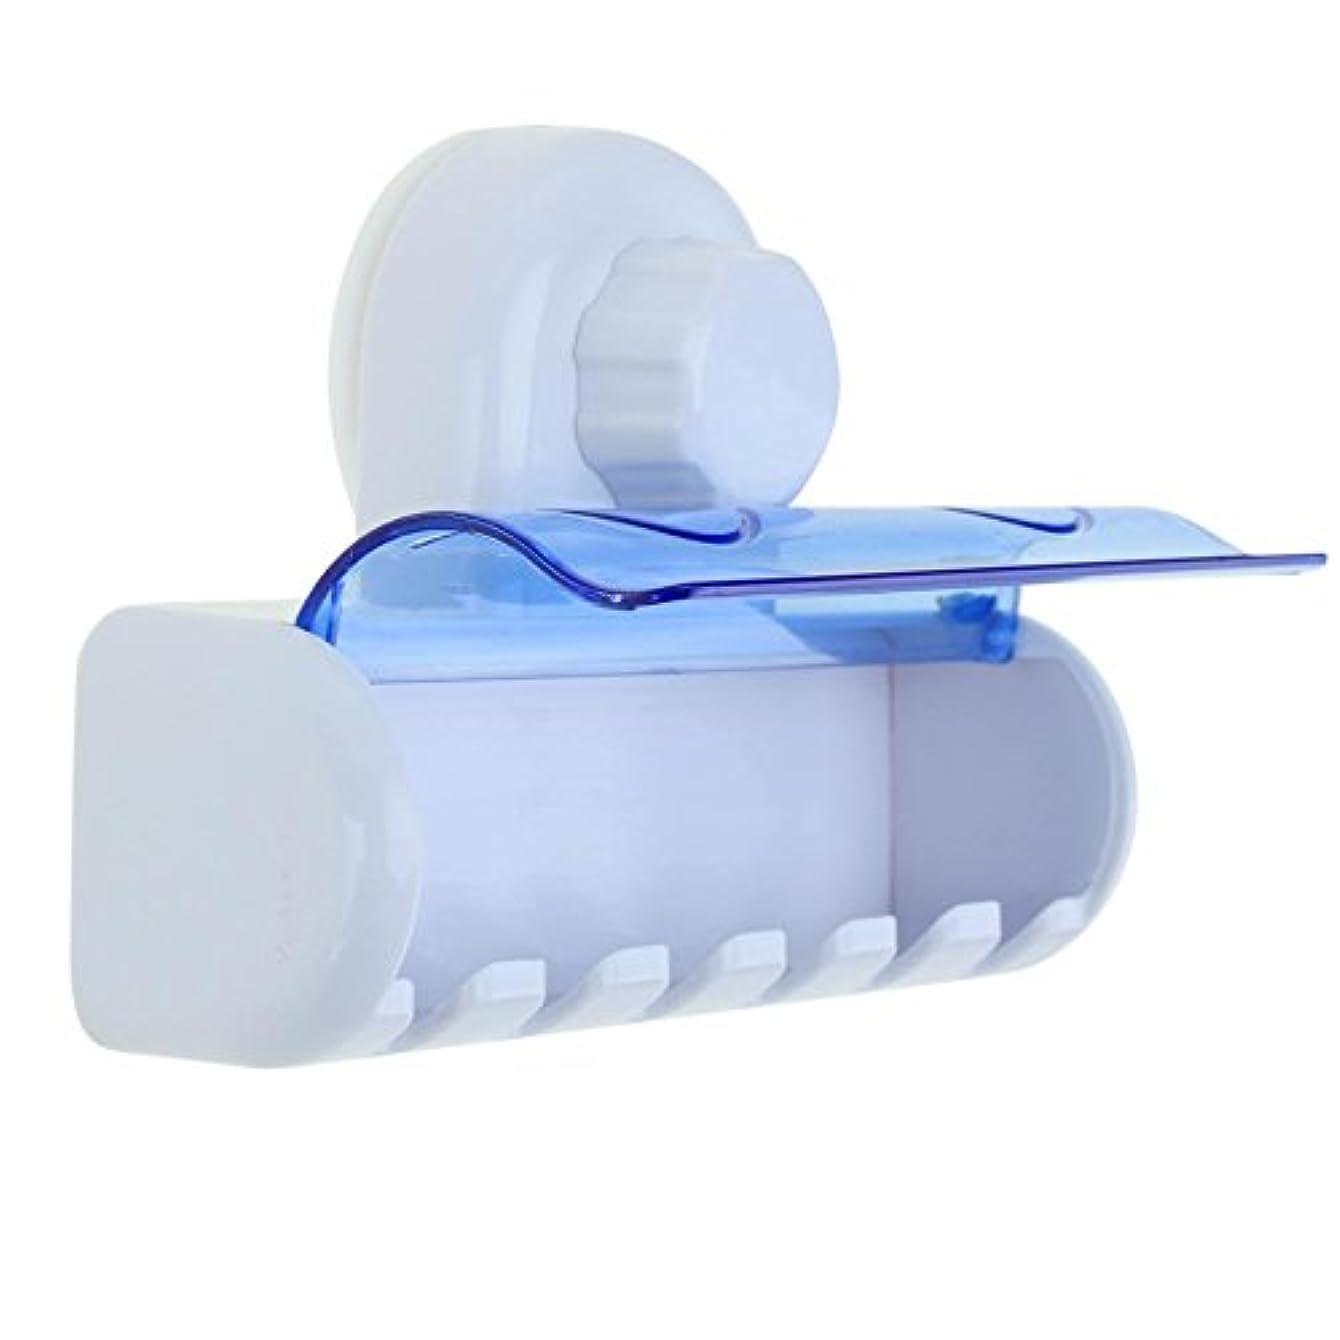 前任者興奮するぶら下がるDemiawaking 強力吸盤付き ハブラシラック 歯ブラシ6本収納対応 取り付け簡単 壁掛け ハブラシホルダー